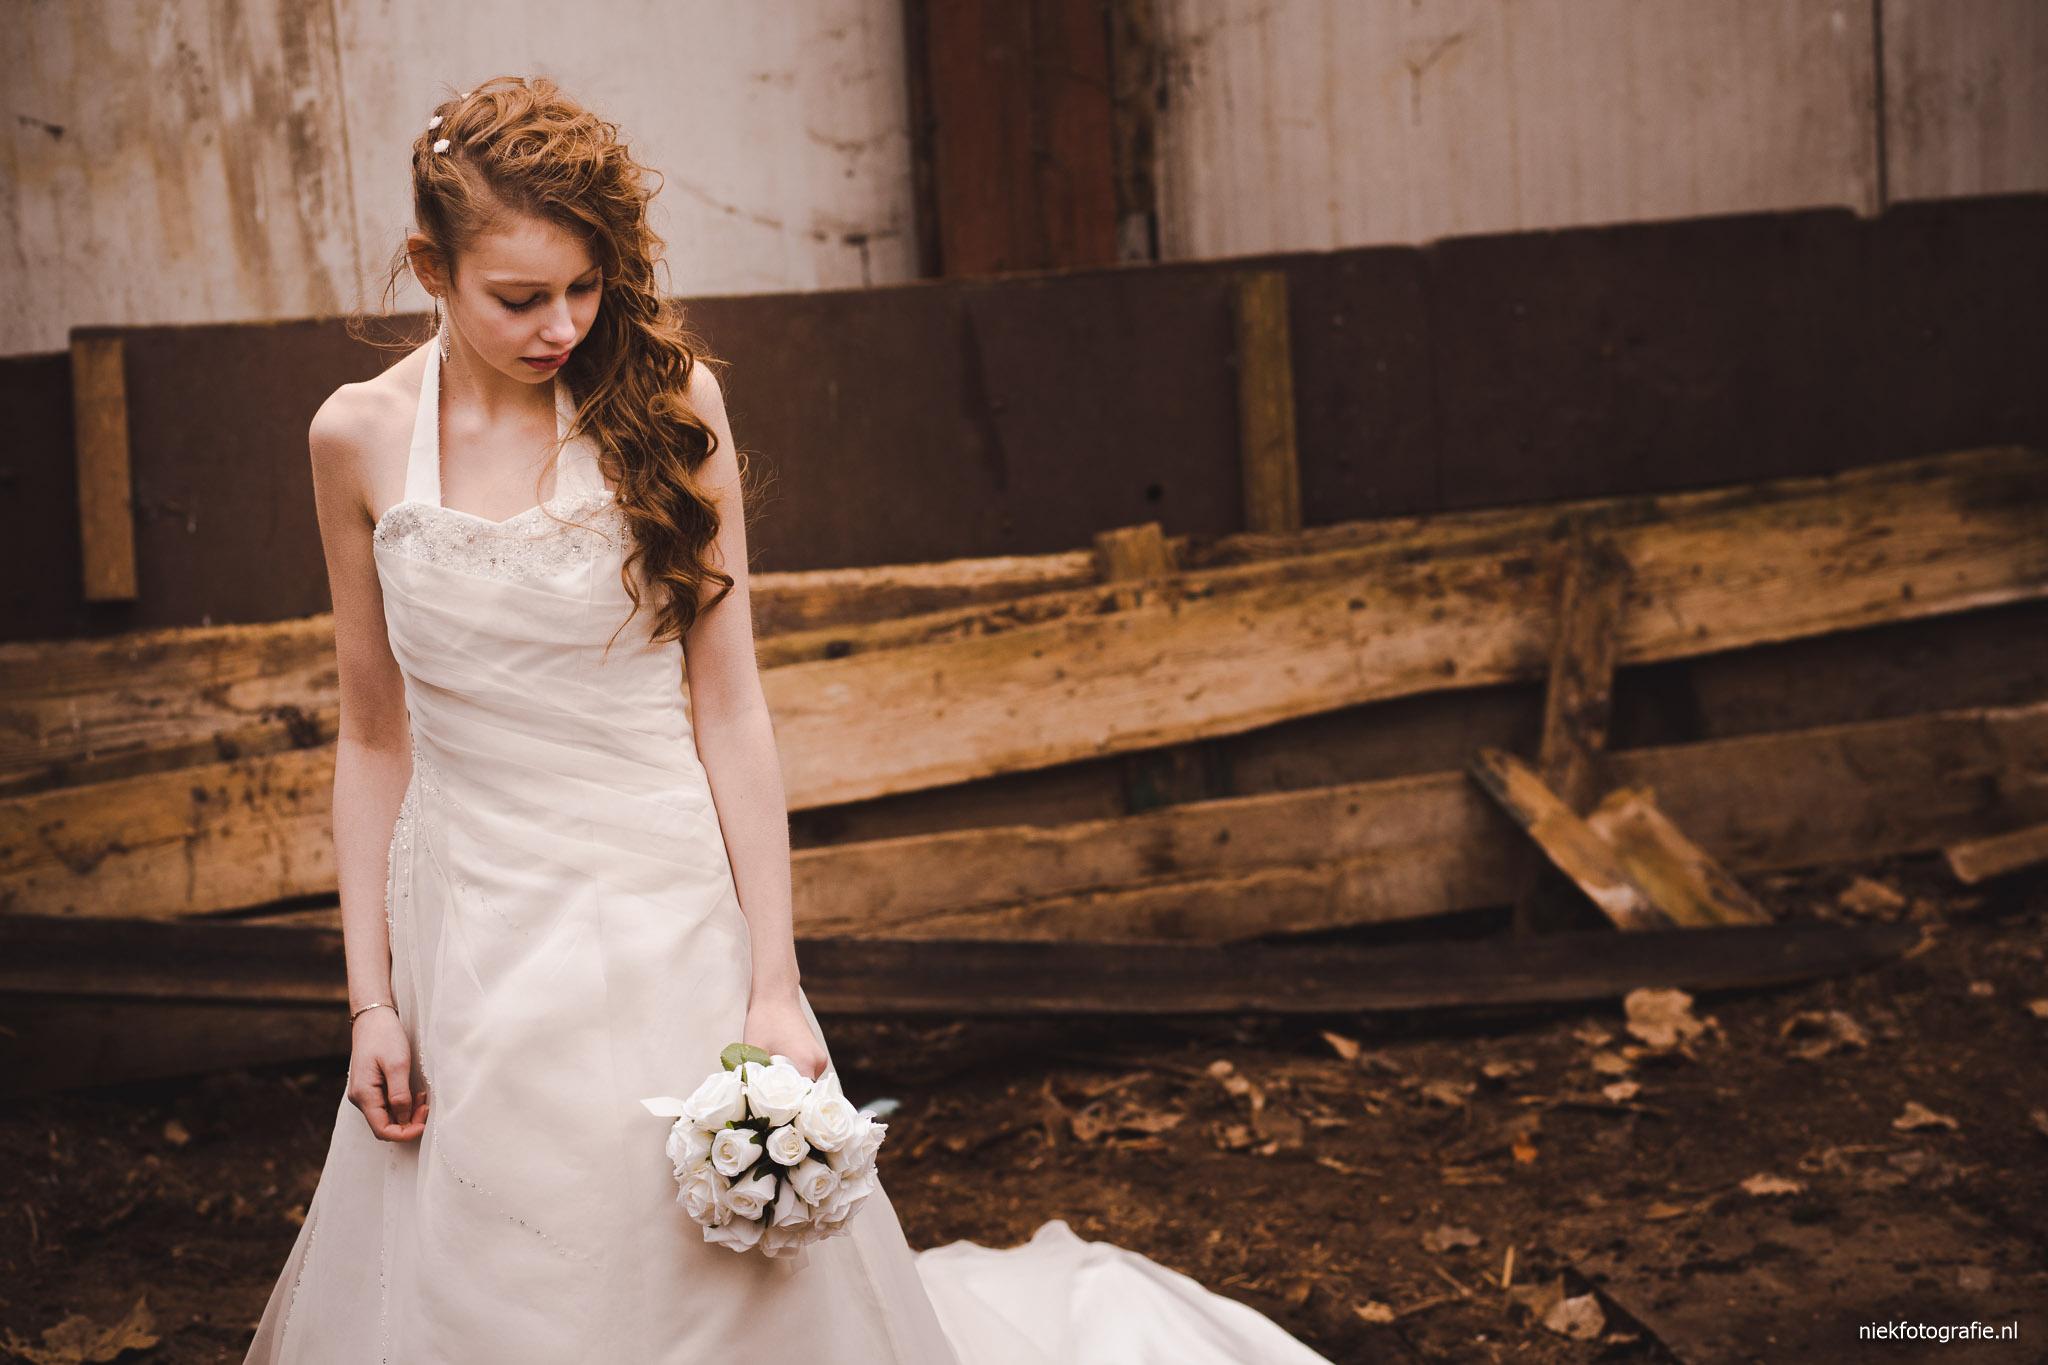 trouwreportage albertsmaheert noorwolde groningen portret bruidsjurk